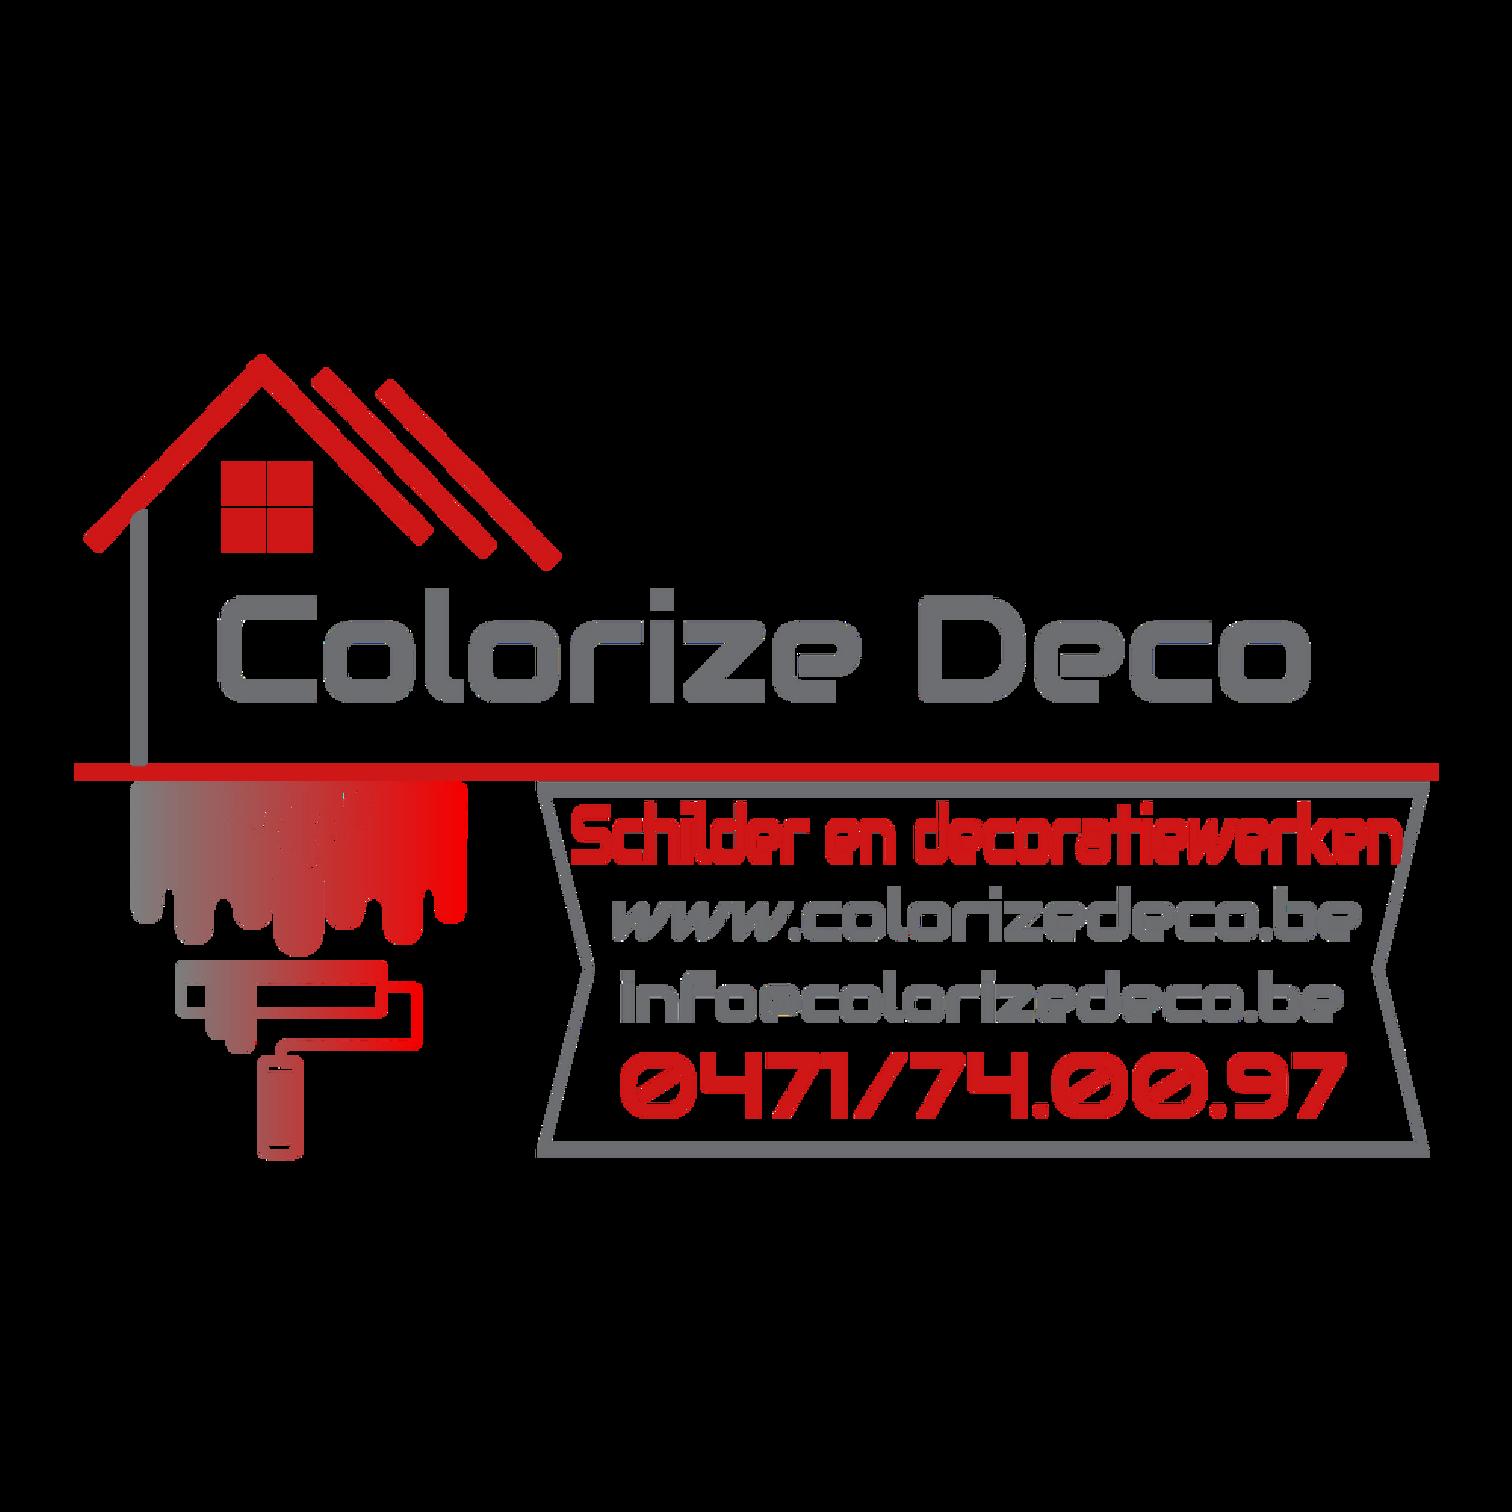 logo Colorize Deco